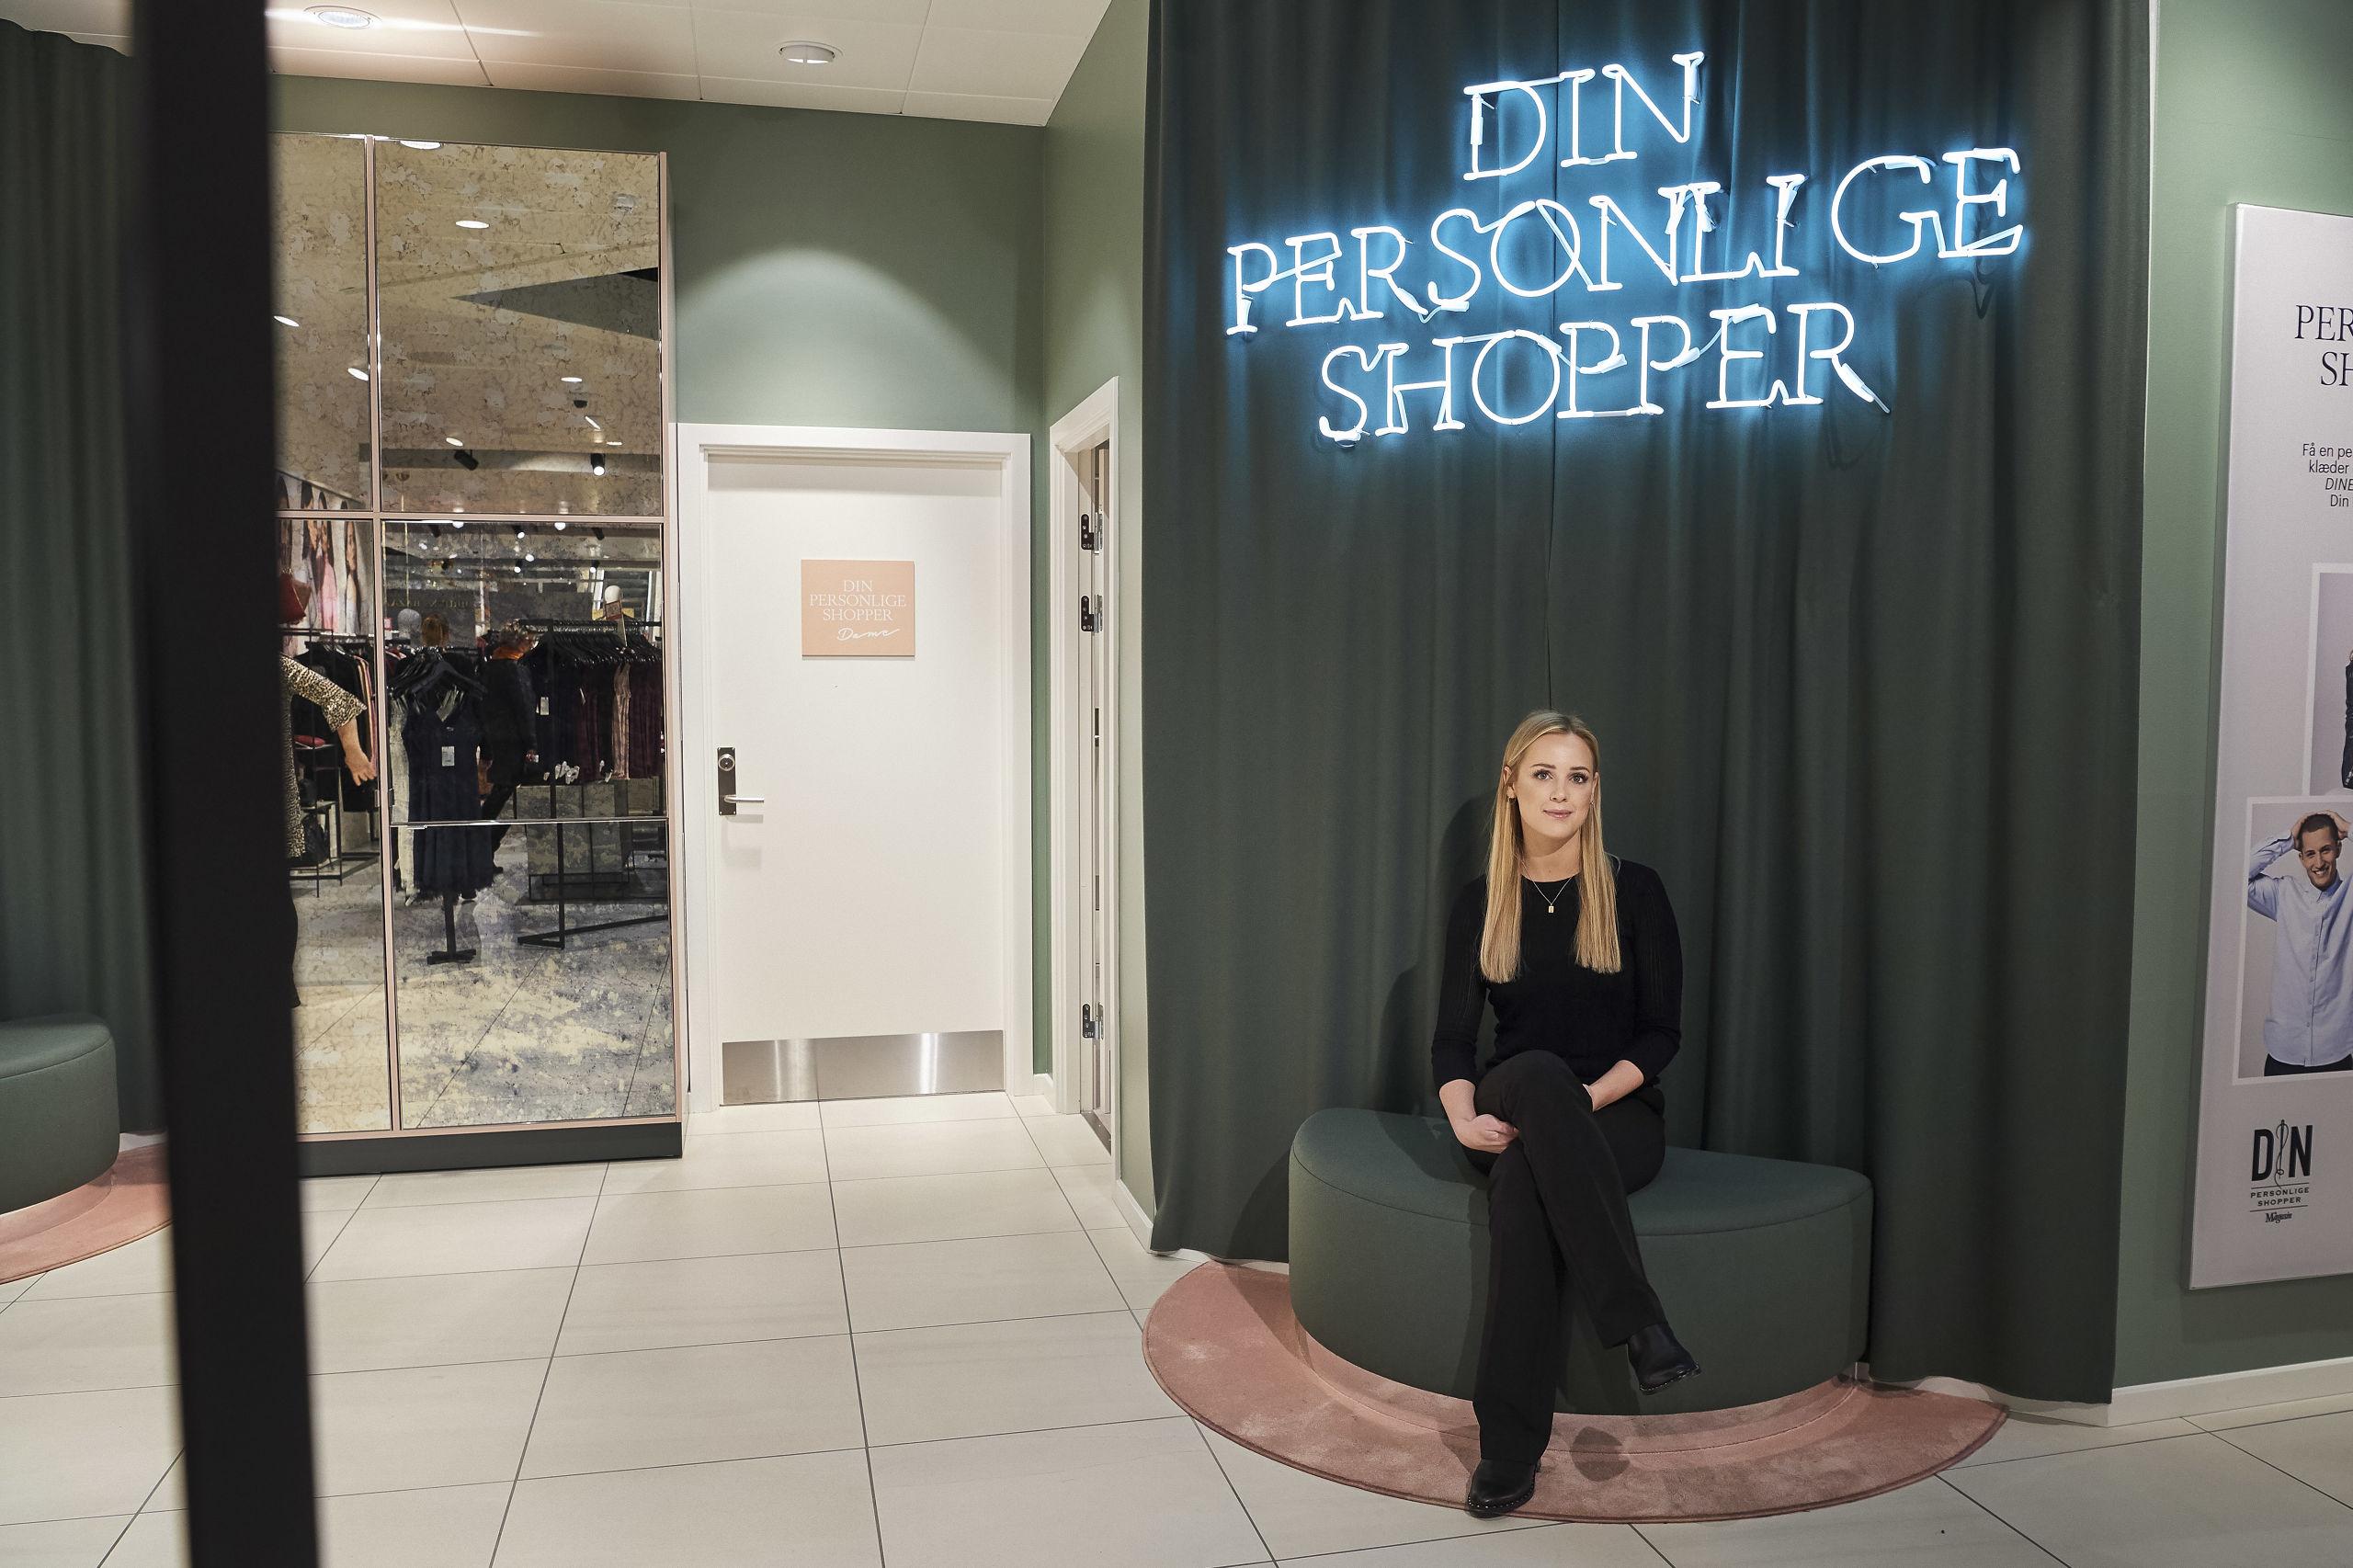 Personal shopper: Det skal være klassisk med et twist